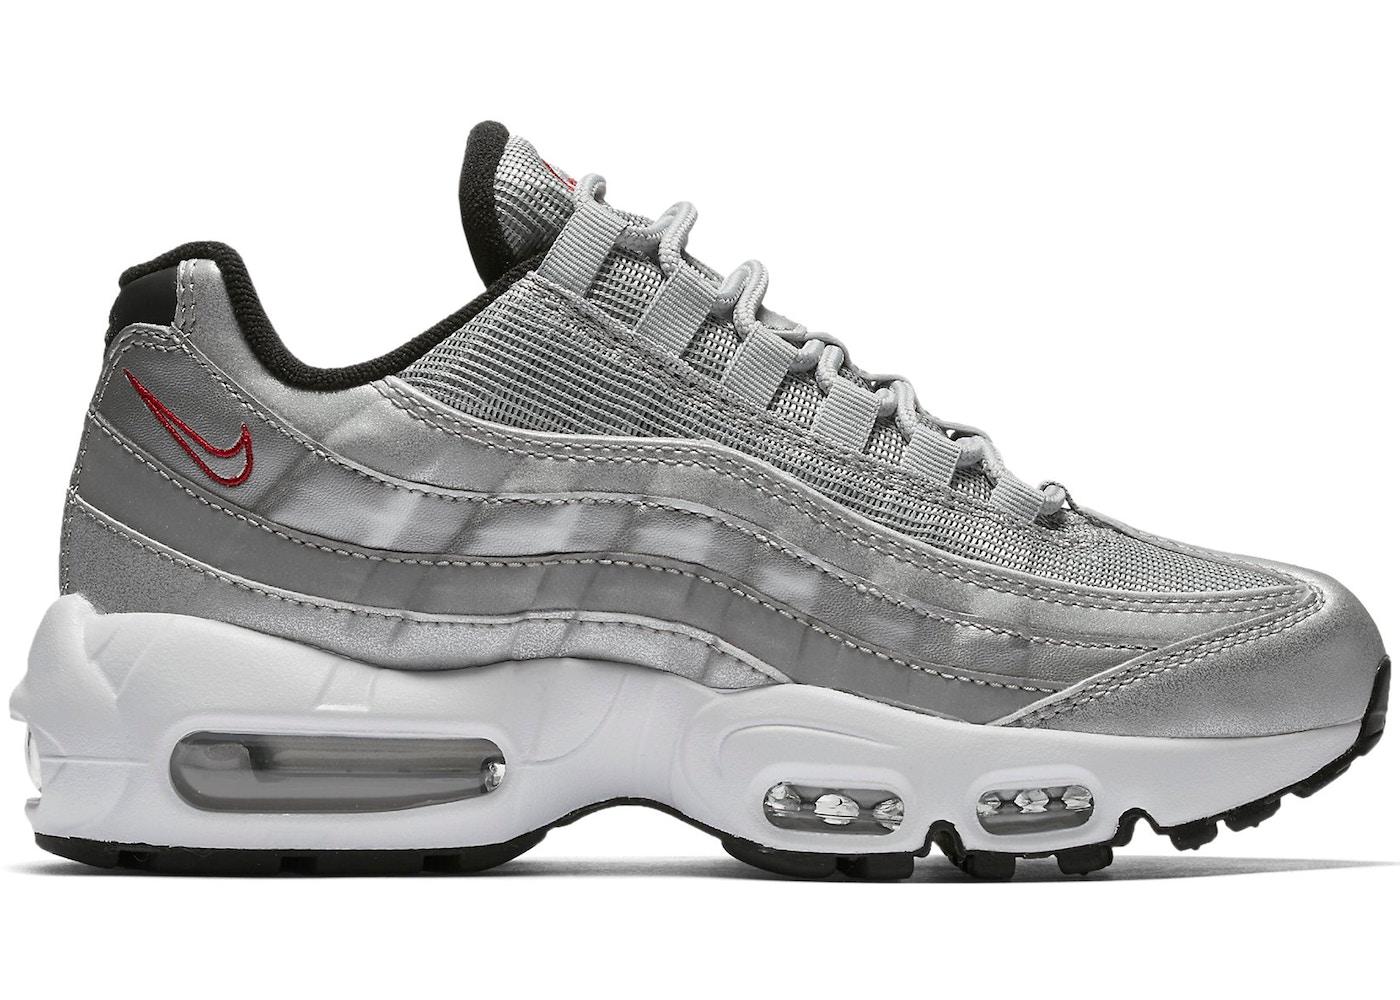 2air max 95 silver